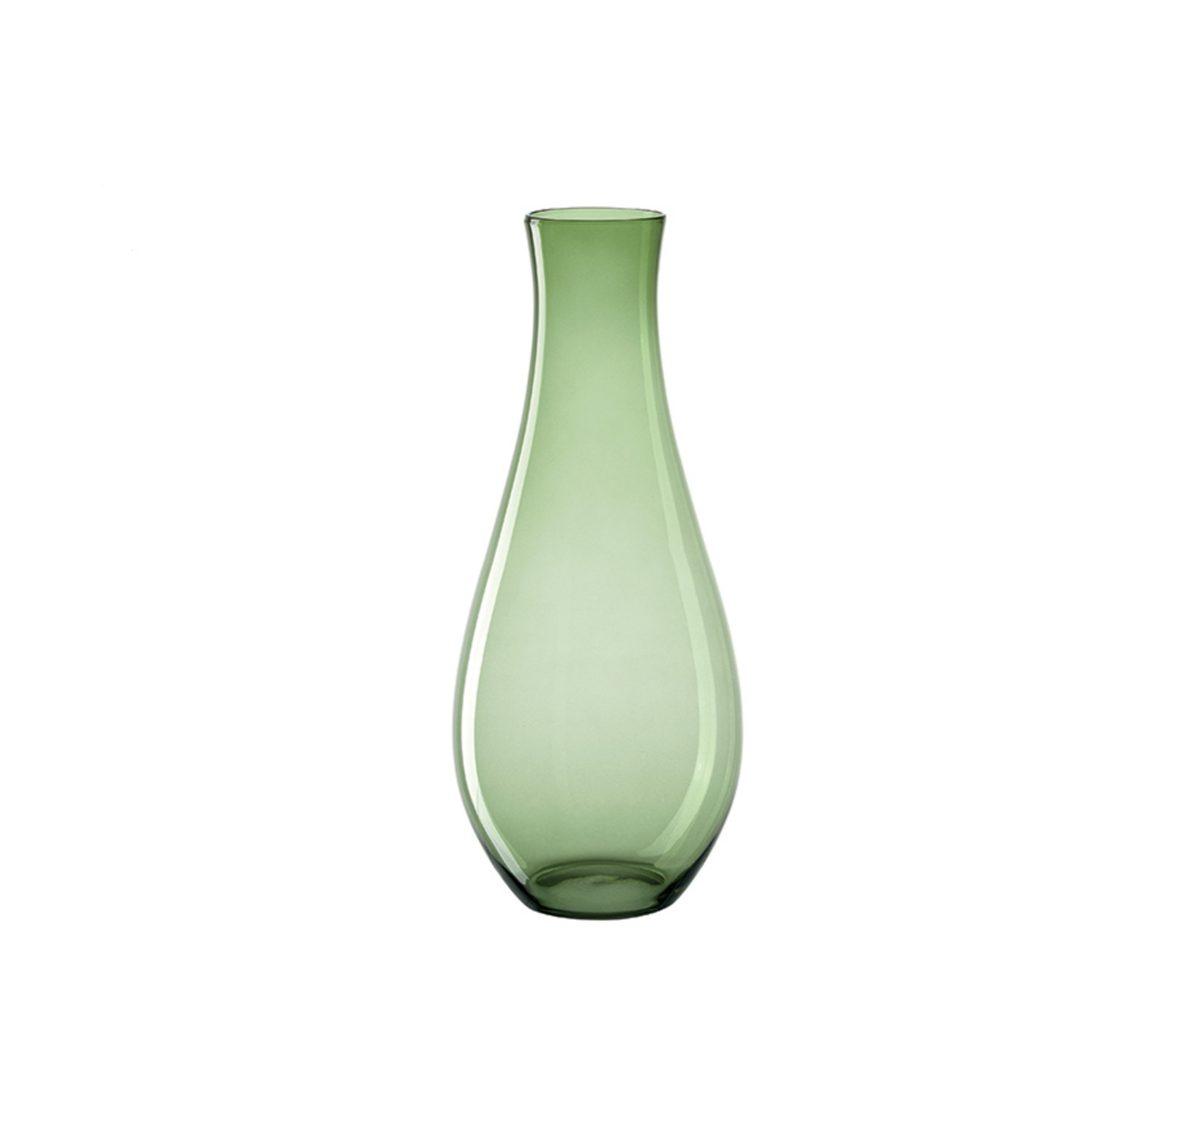 4002541103475 1200x1127 - Vază decorativă Giardino verde 60 cm (L010347)